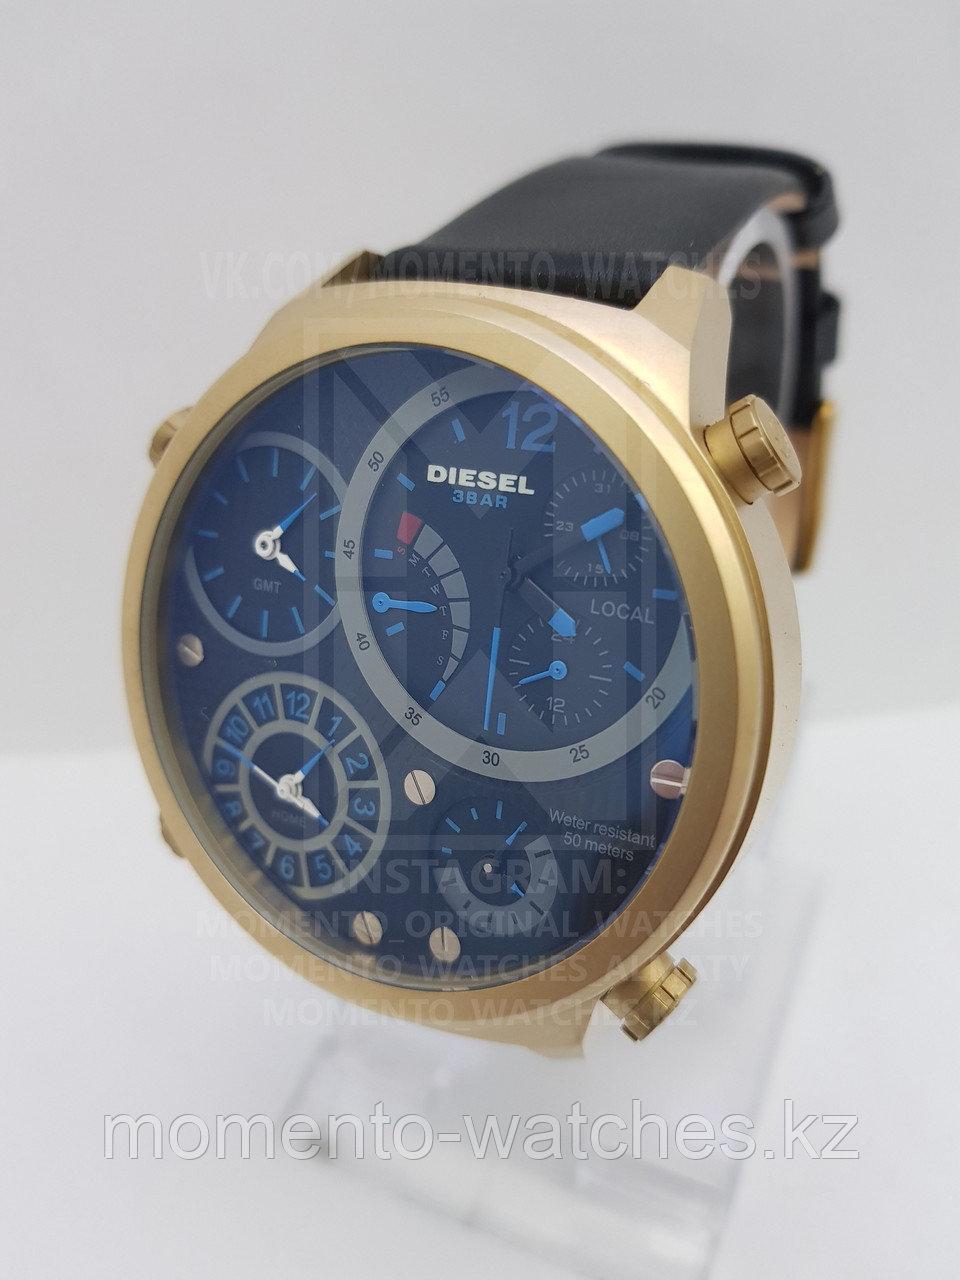 Мужские часы Diesel 4 TIME